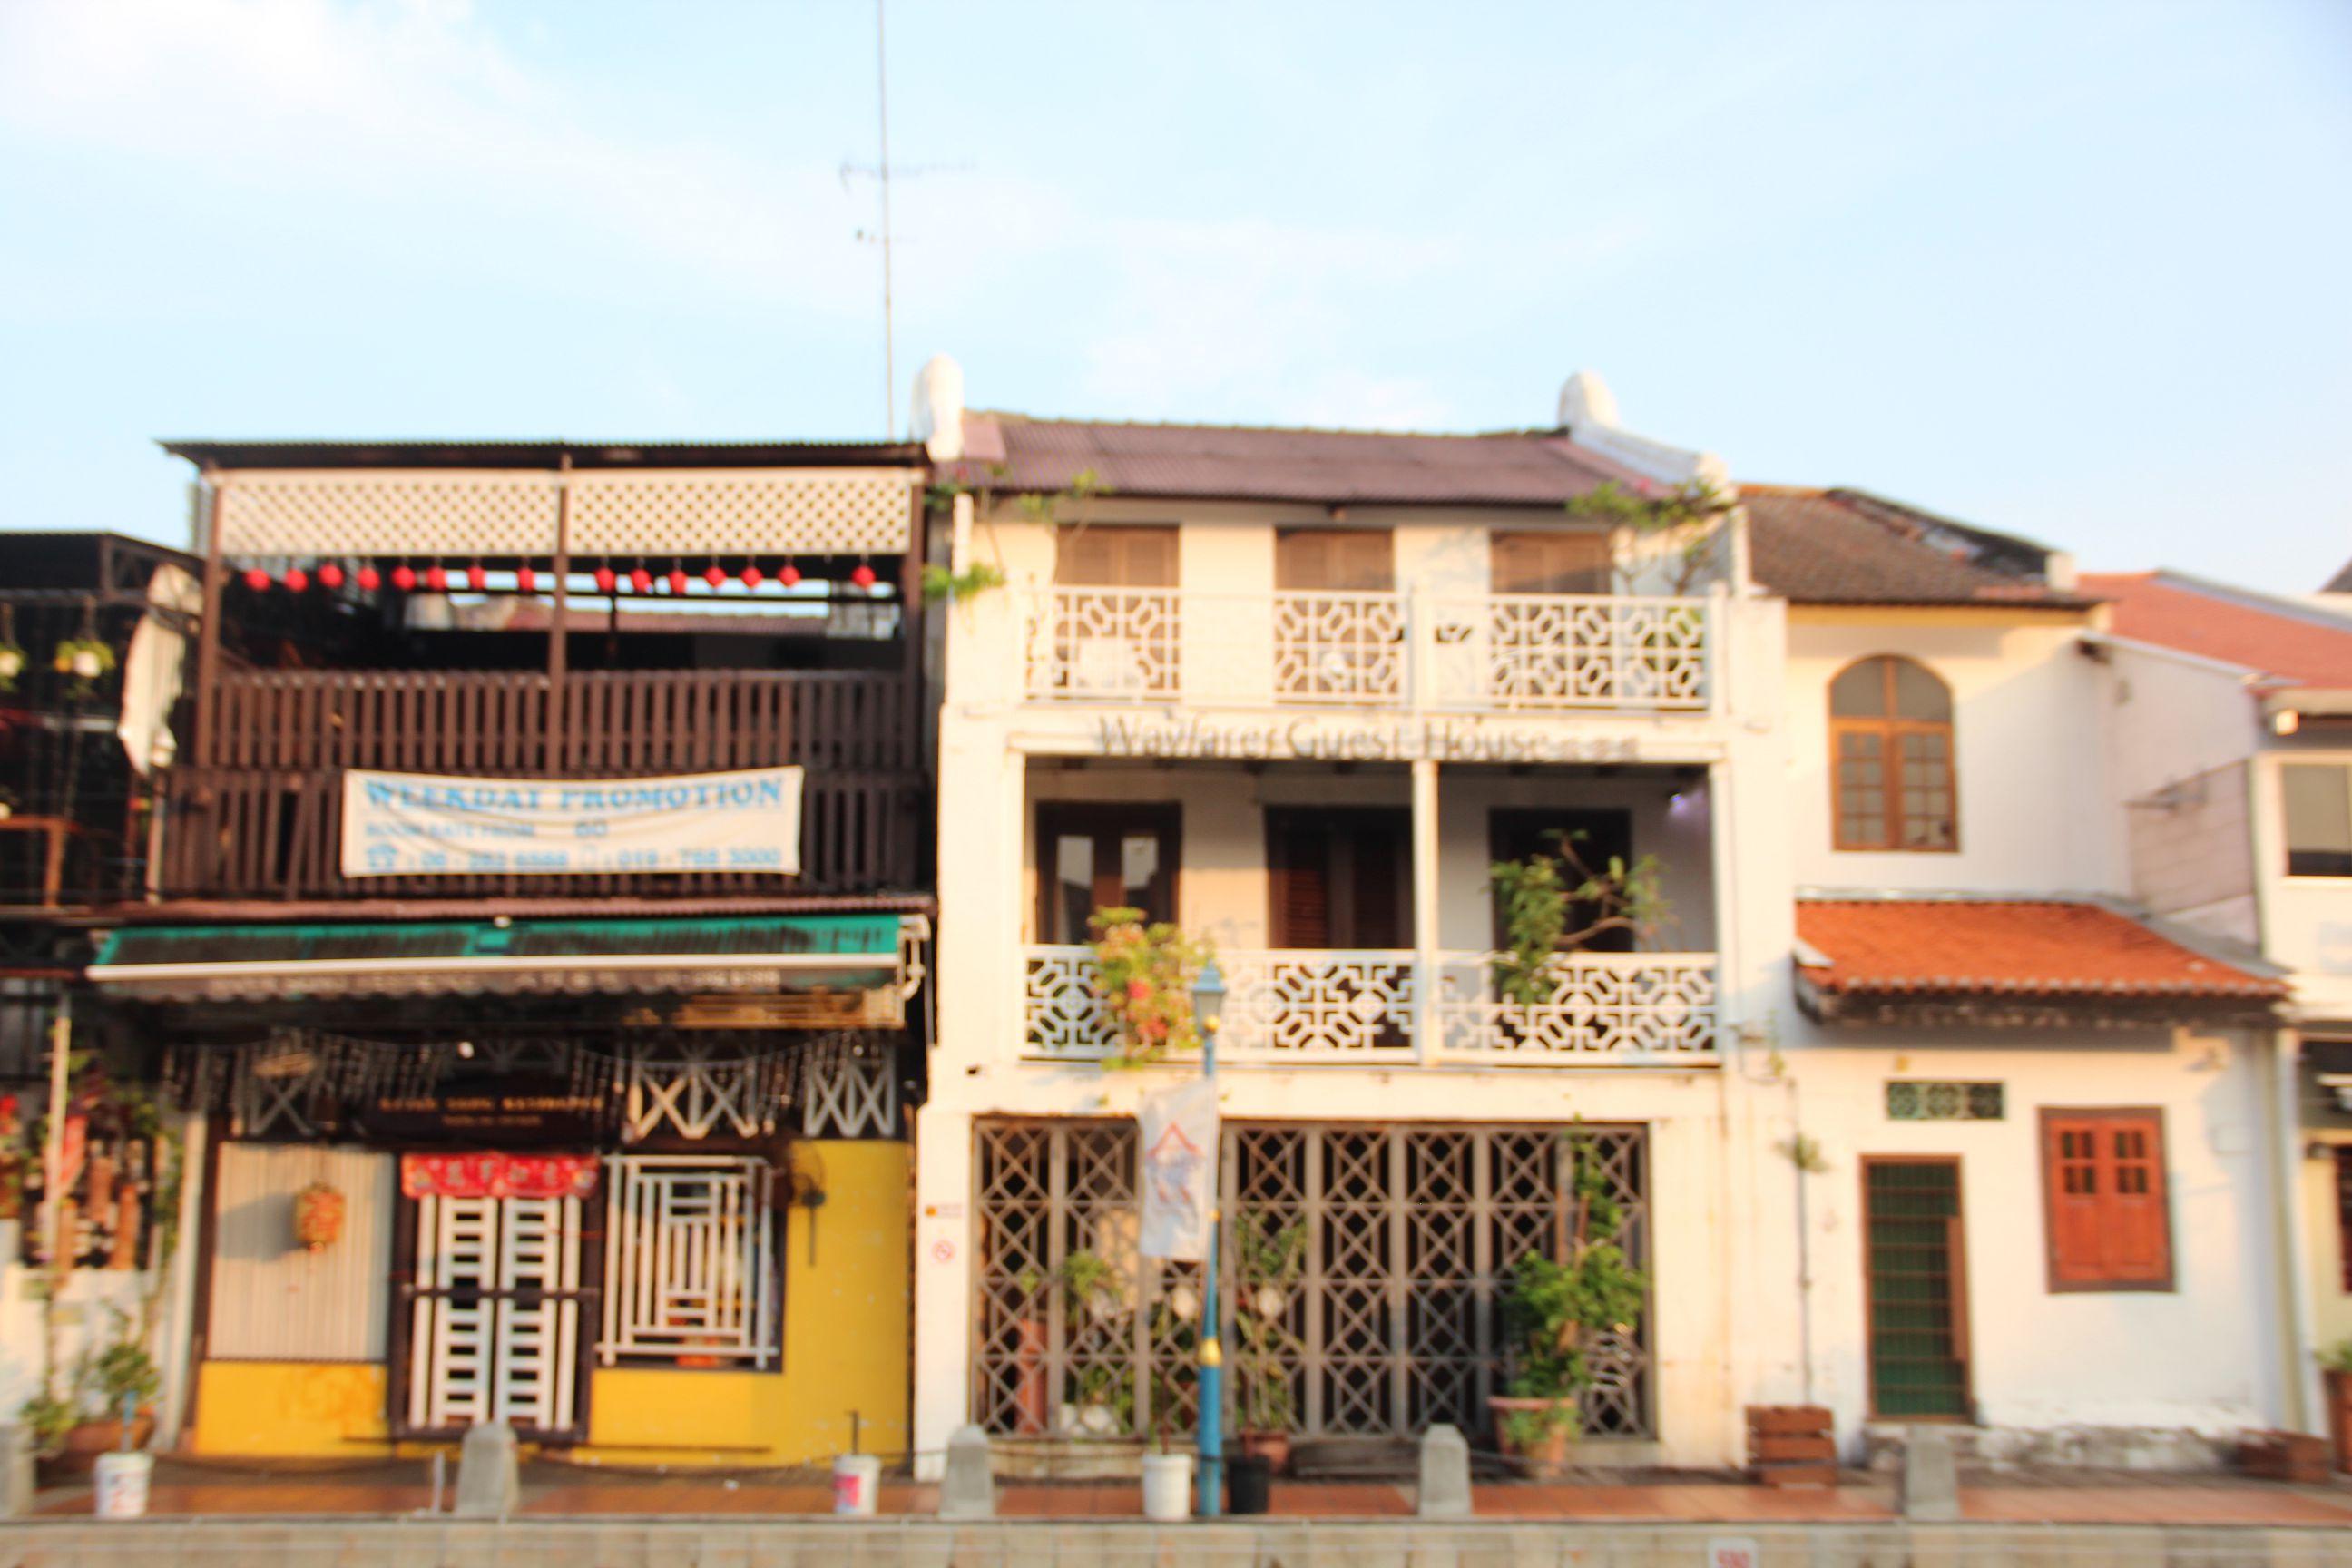 Streets of Melaka